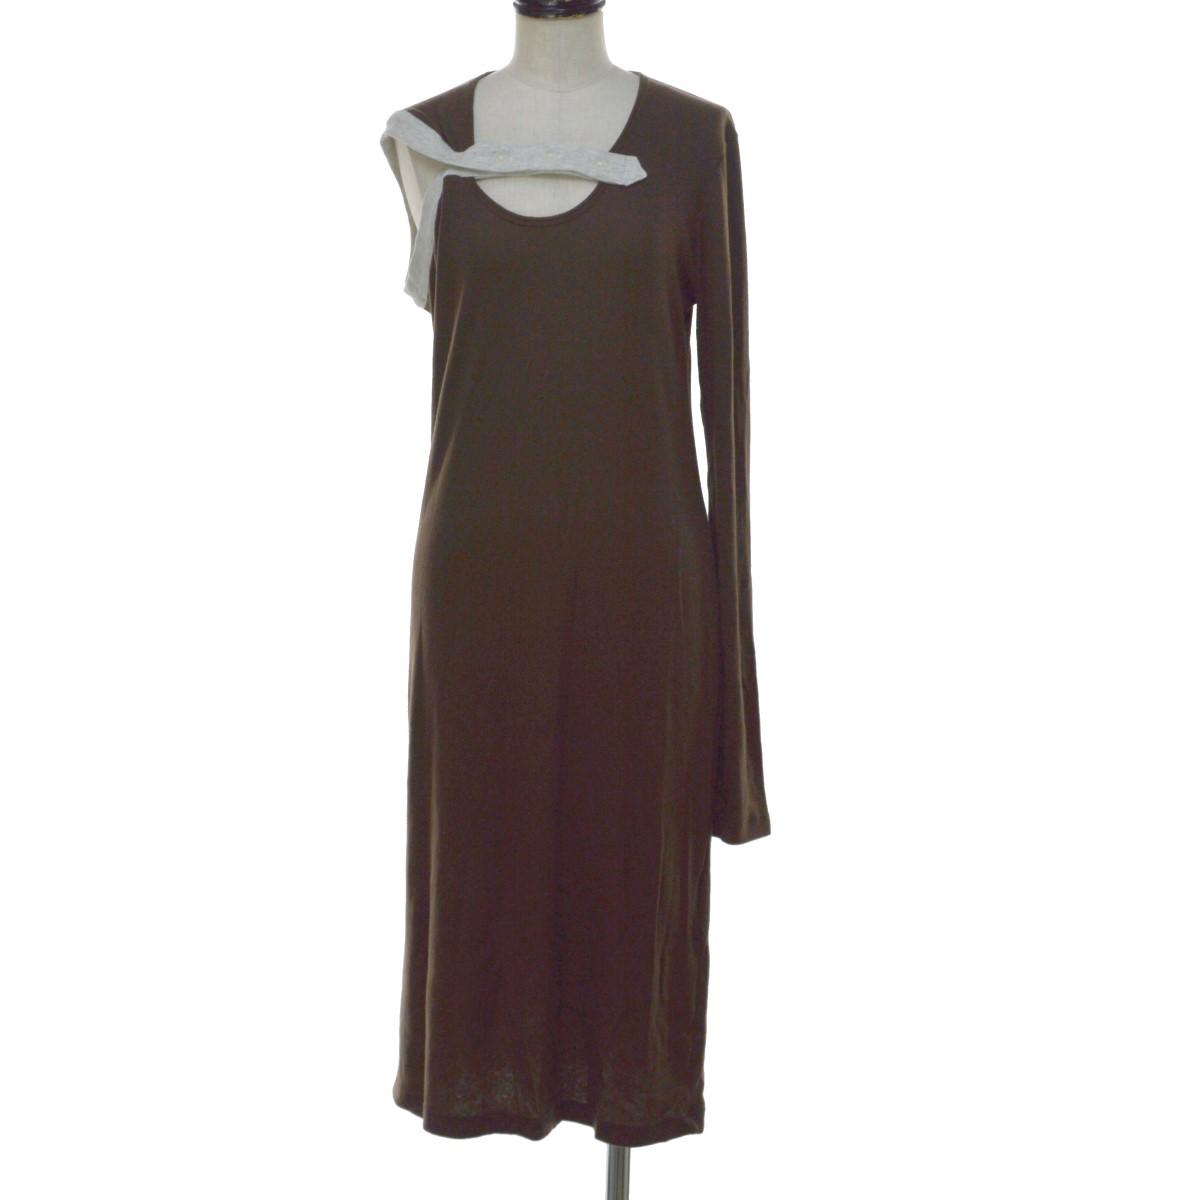 【中古】KOTOHA YOKOZAWA 19SS Asymmetry Dress ワンピース ブラウン サイズ:Free 【020720】(コトハヨコザワ)